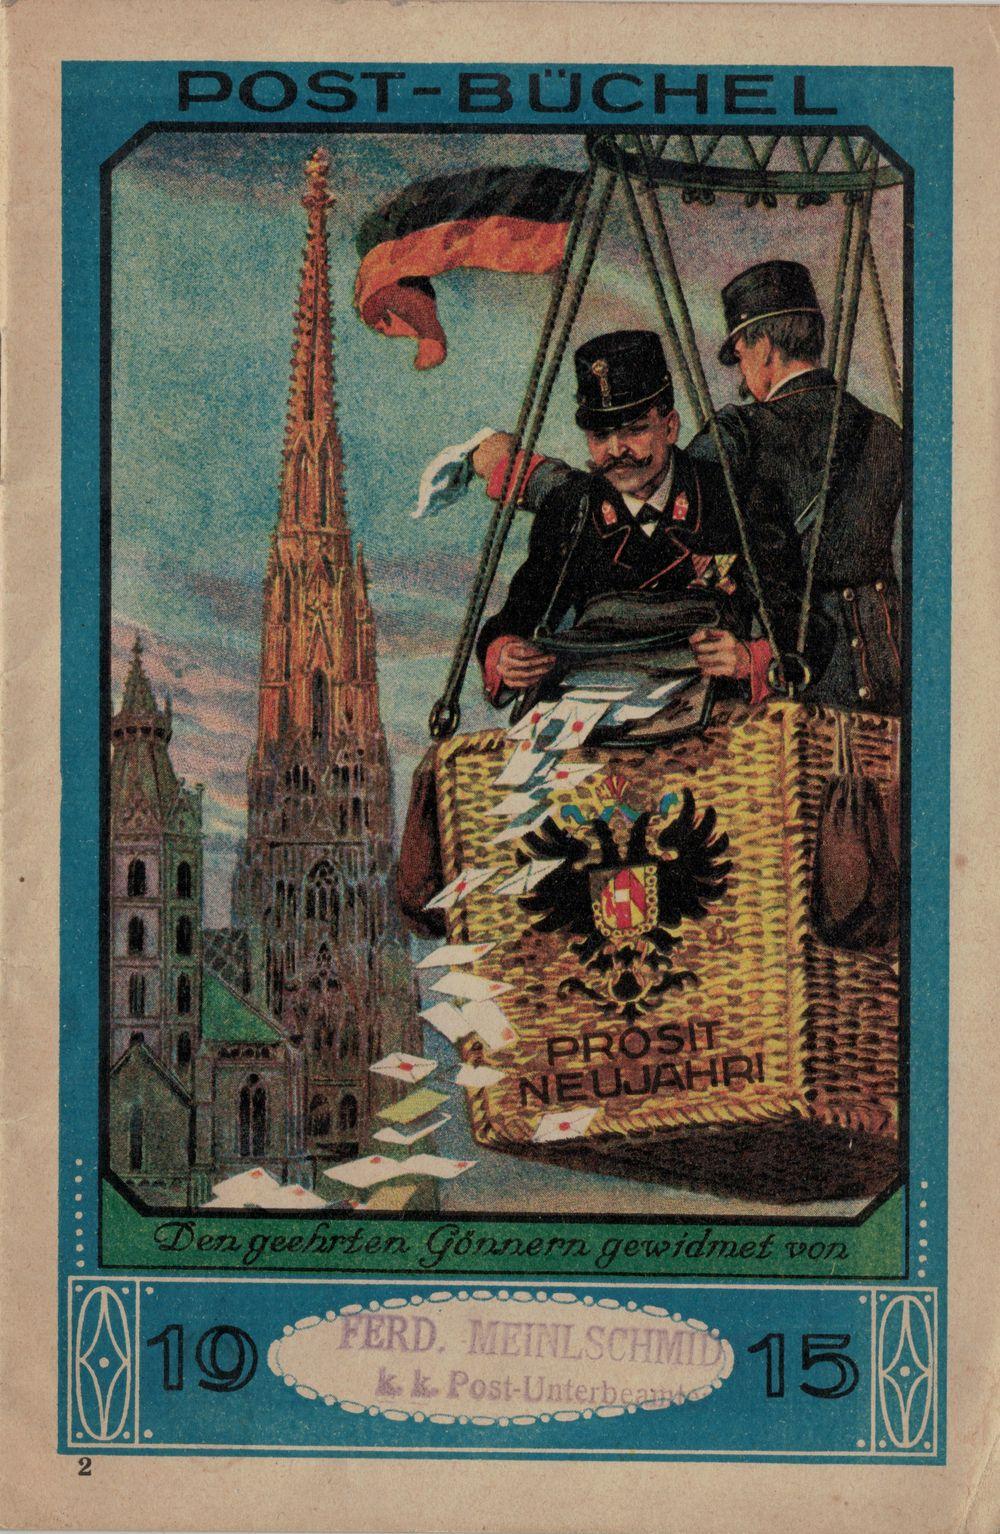 Postbüchl - Das kleine Postbuch 191510